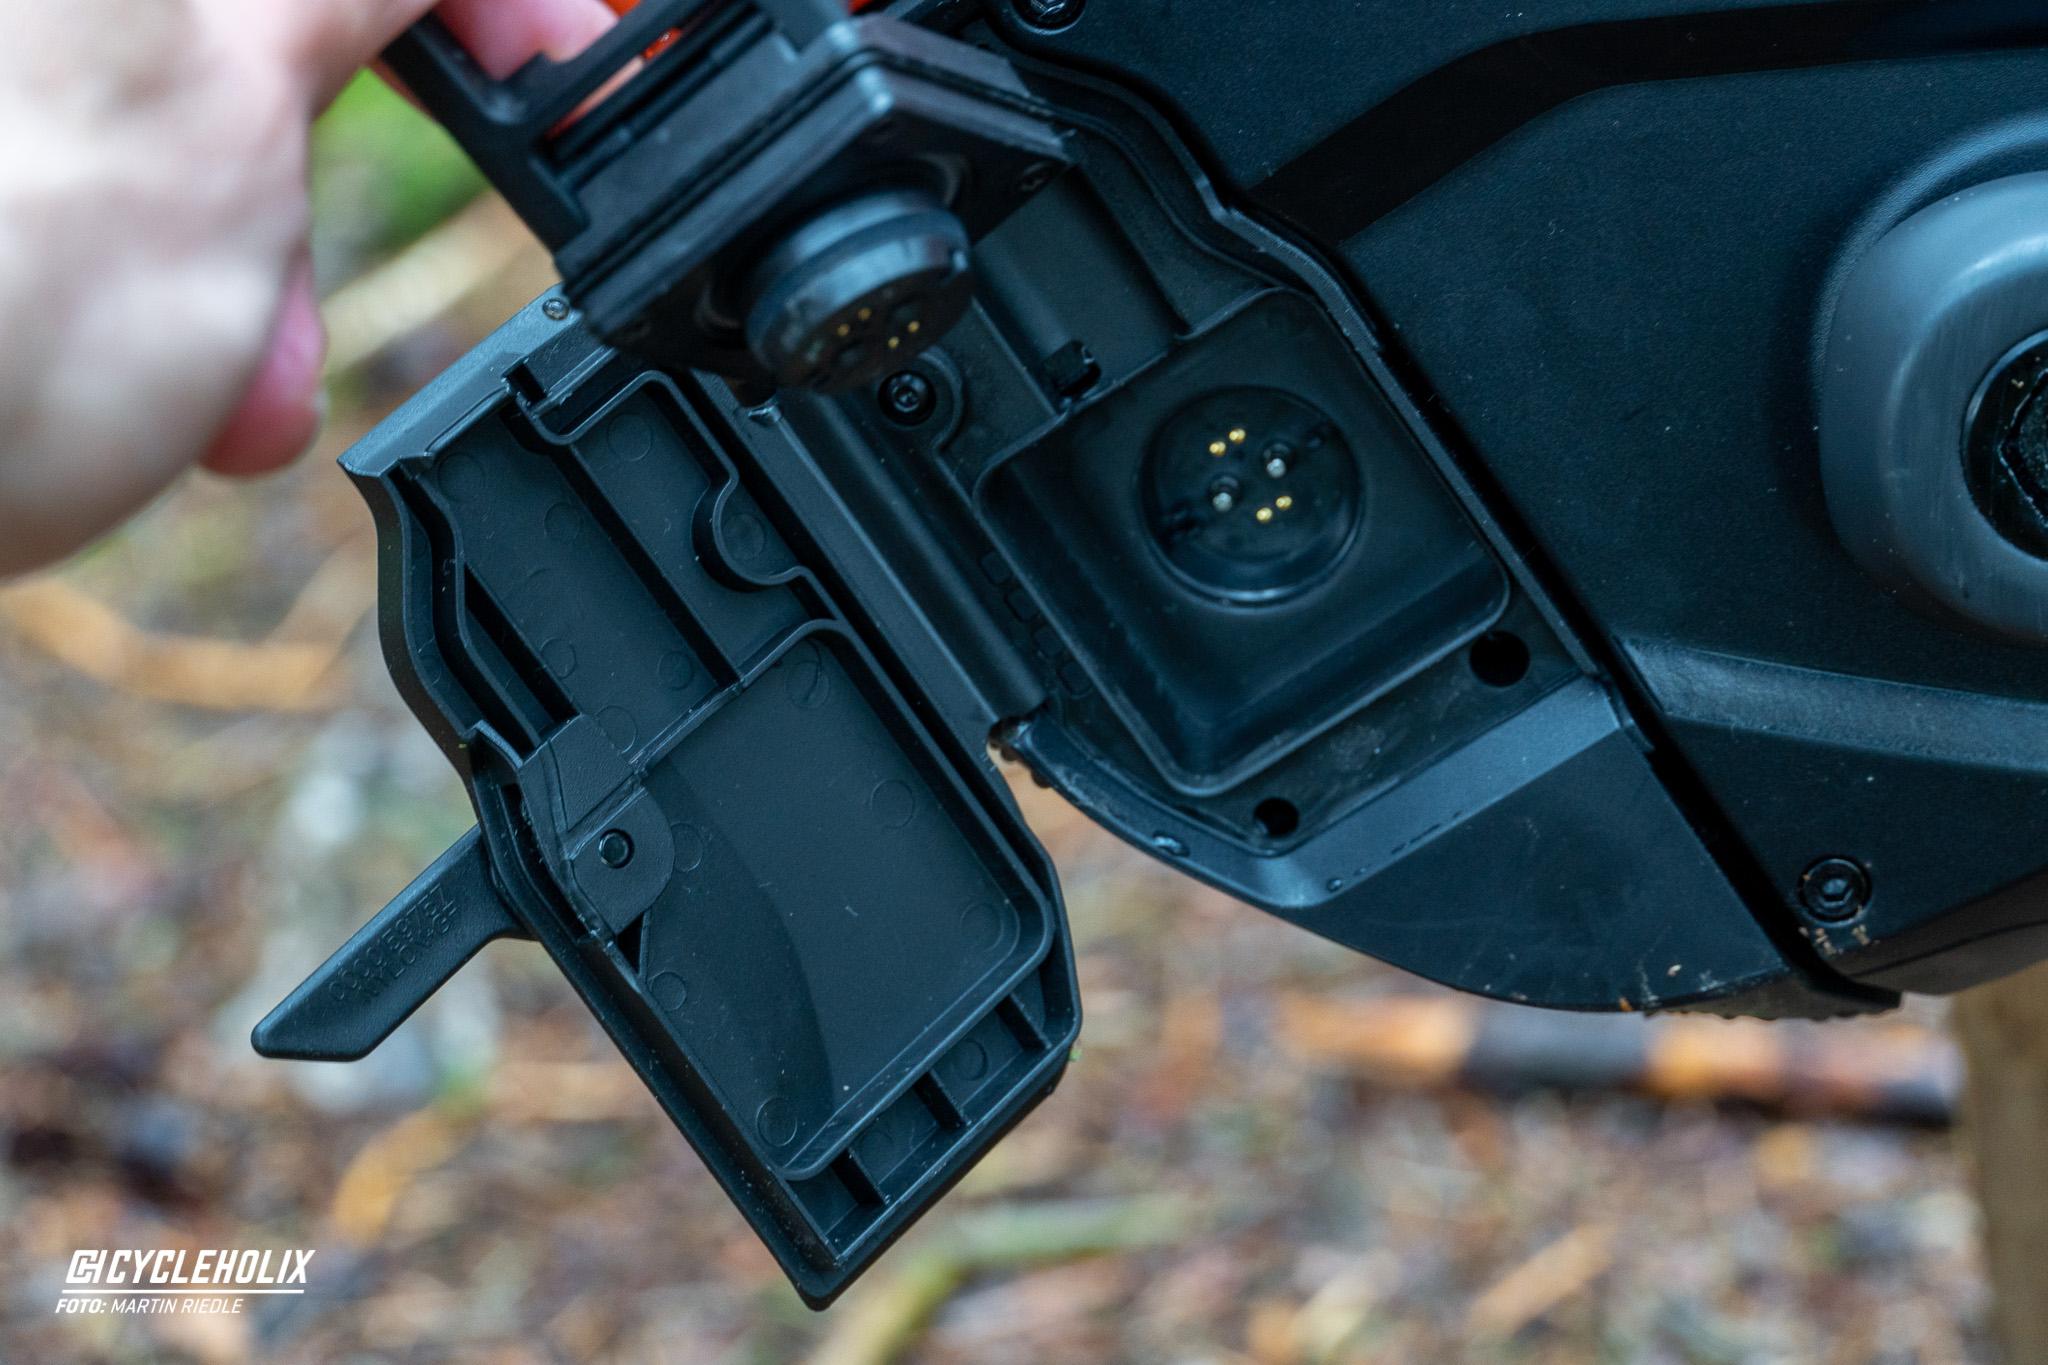 Specialized Levo 22 Cycleholix